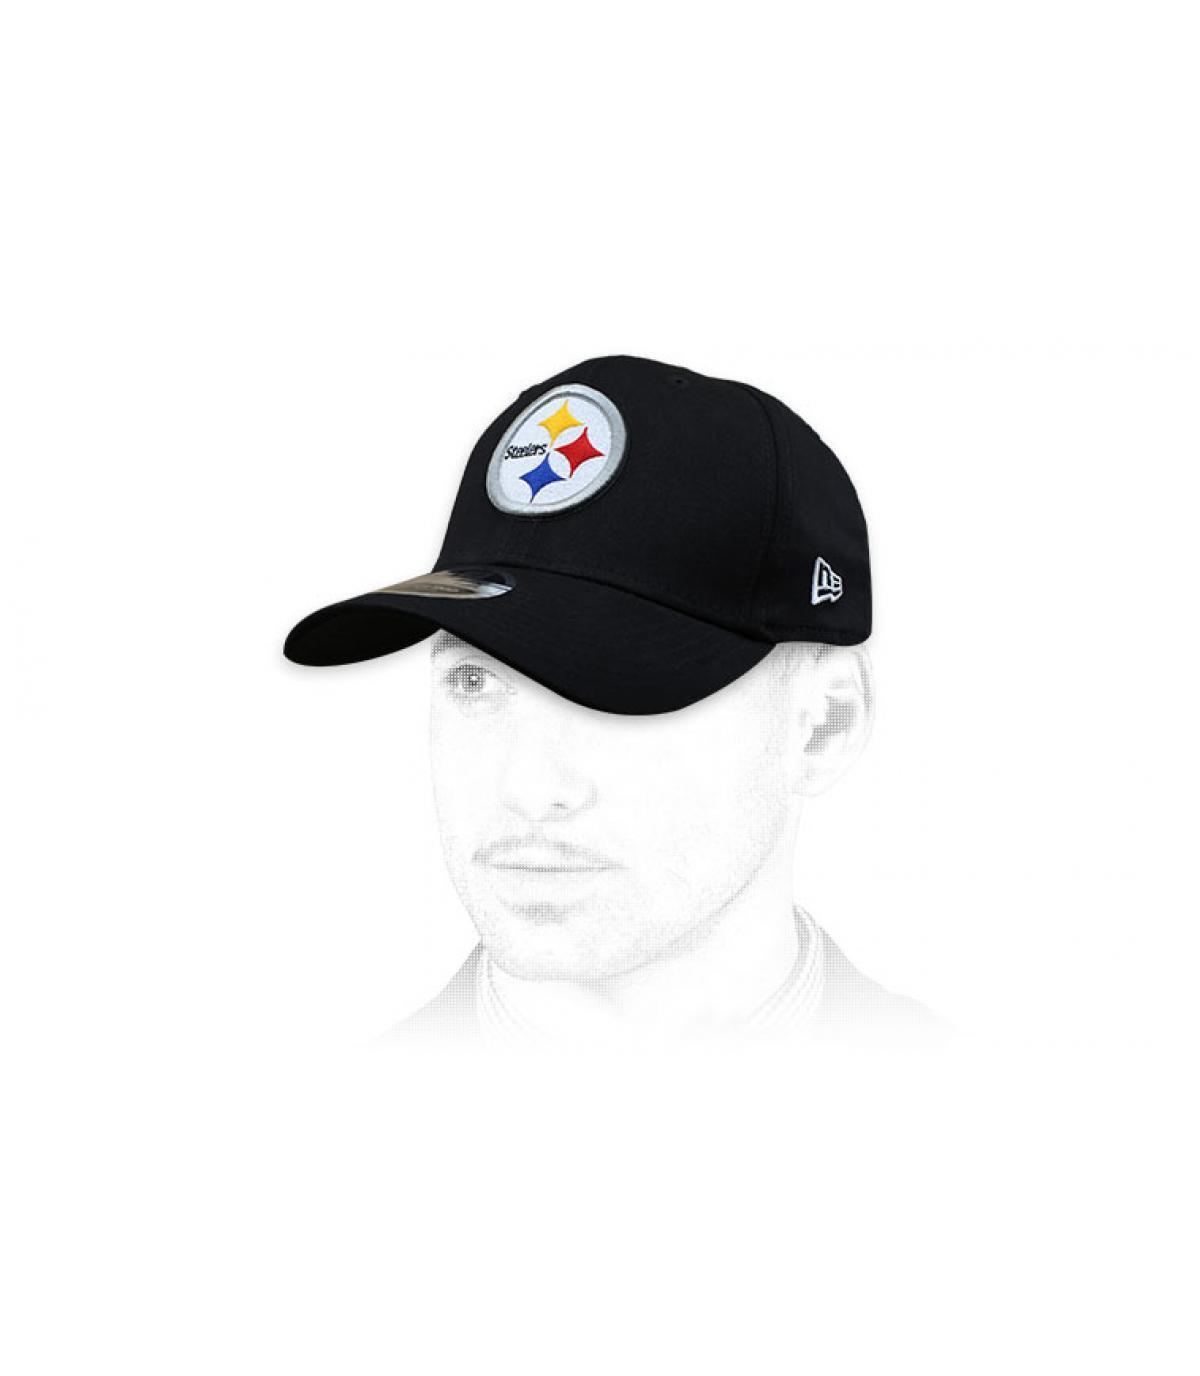 black Steelers cap